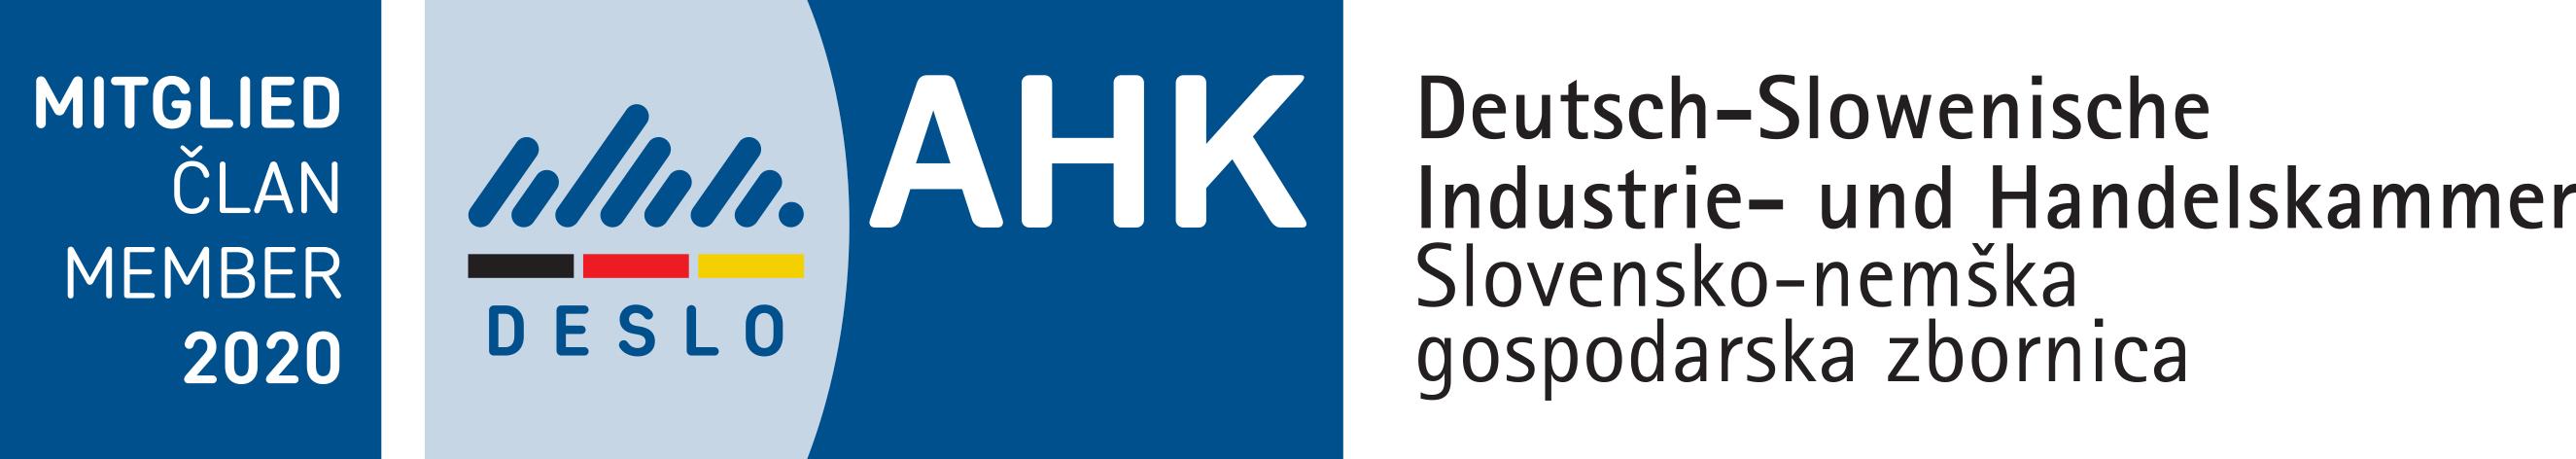 Člani Slovensko-nemške gospodarske zbornice 2020 | Trenkwalder